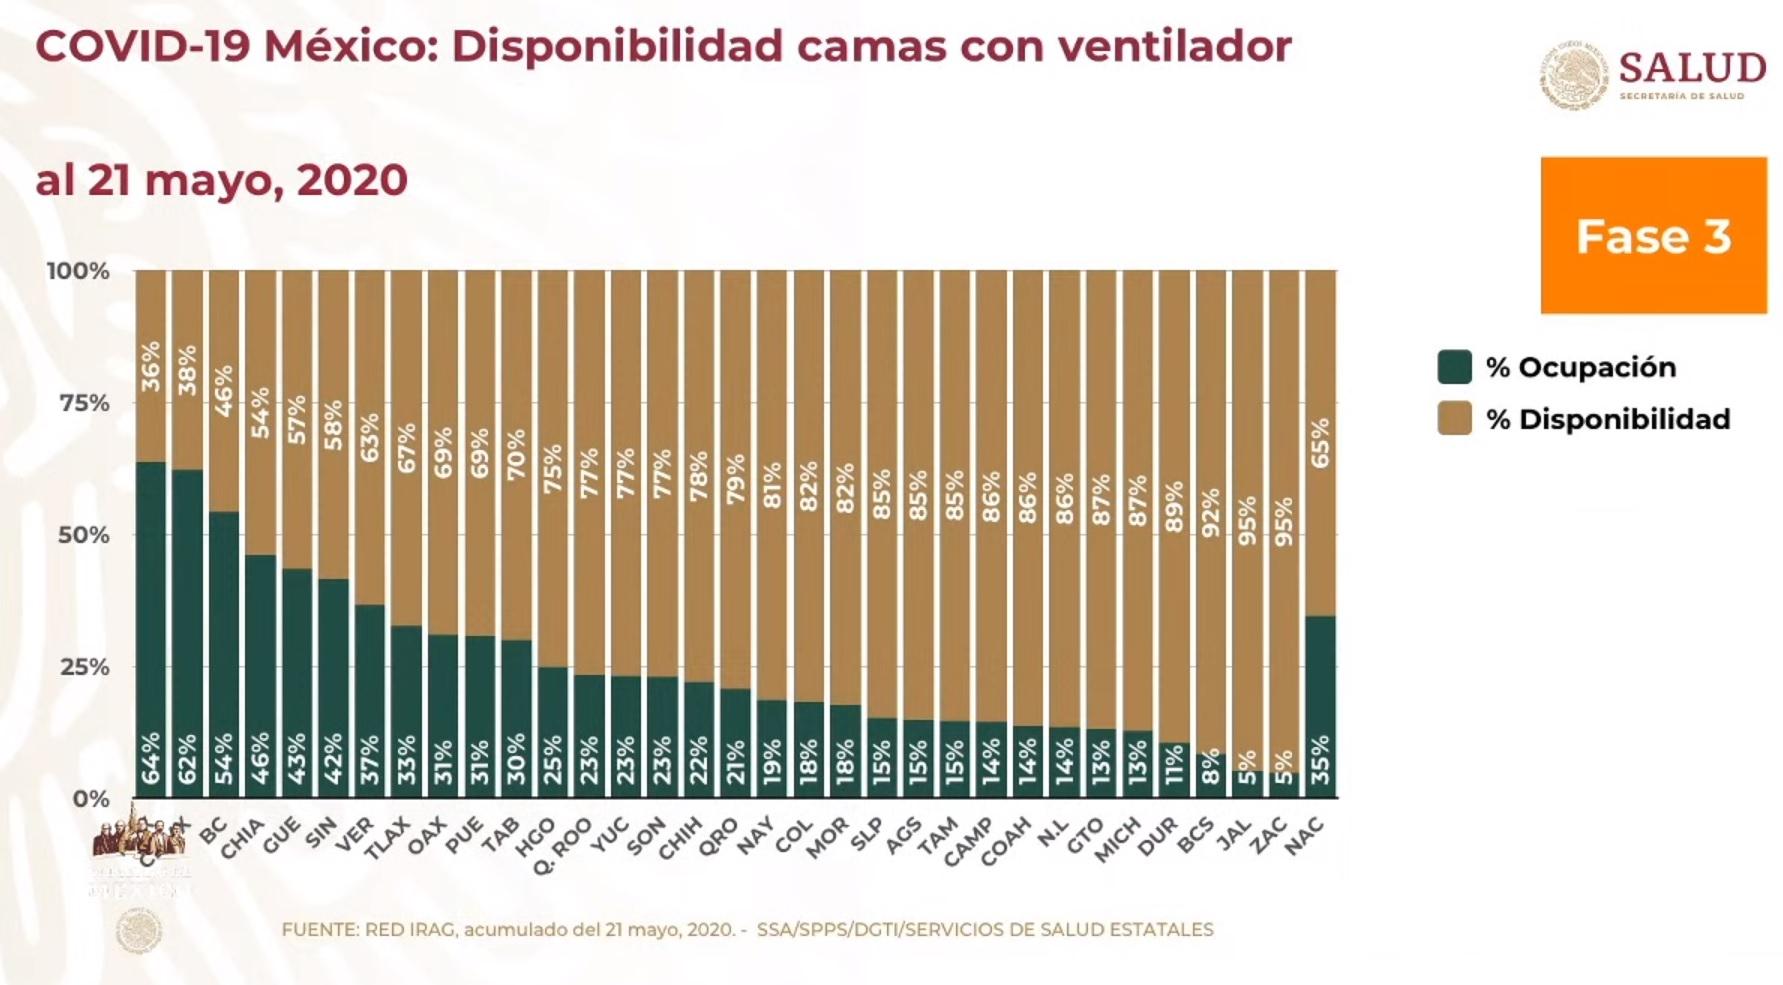 Camas COVID19